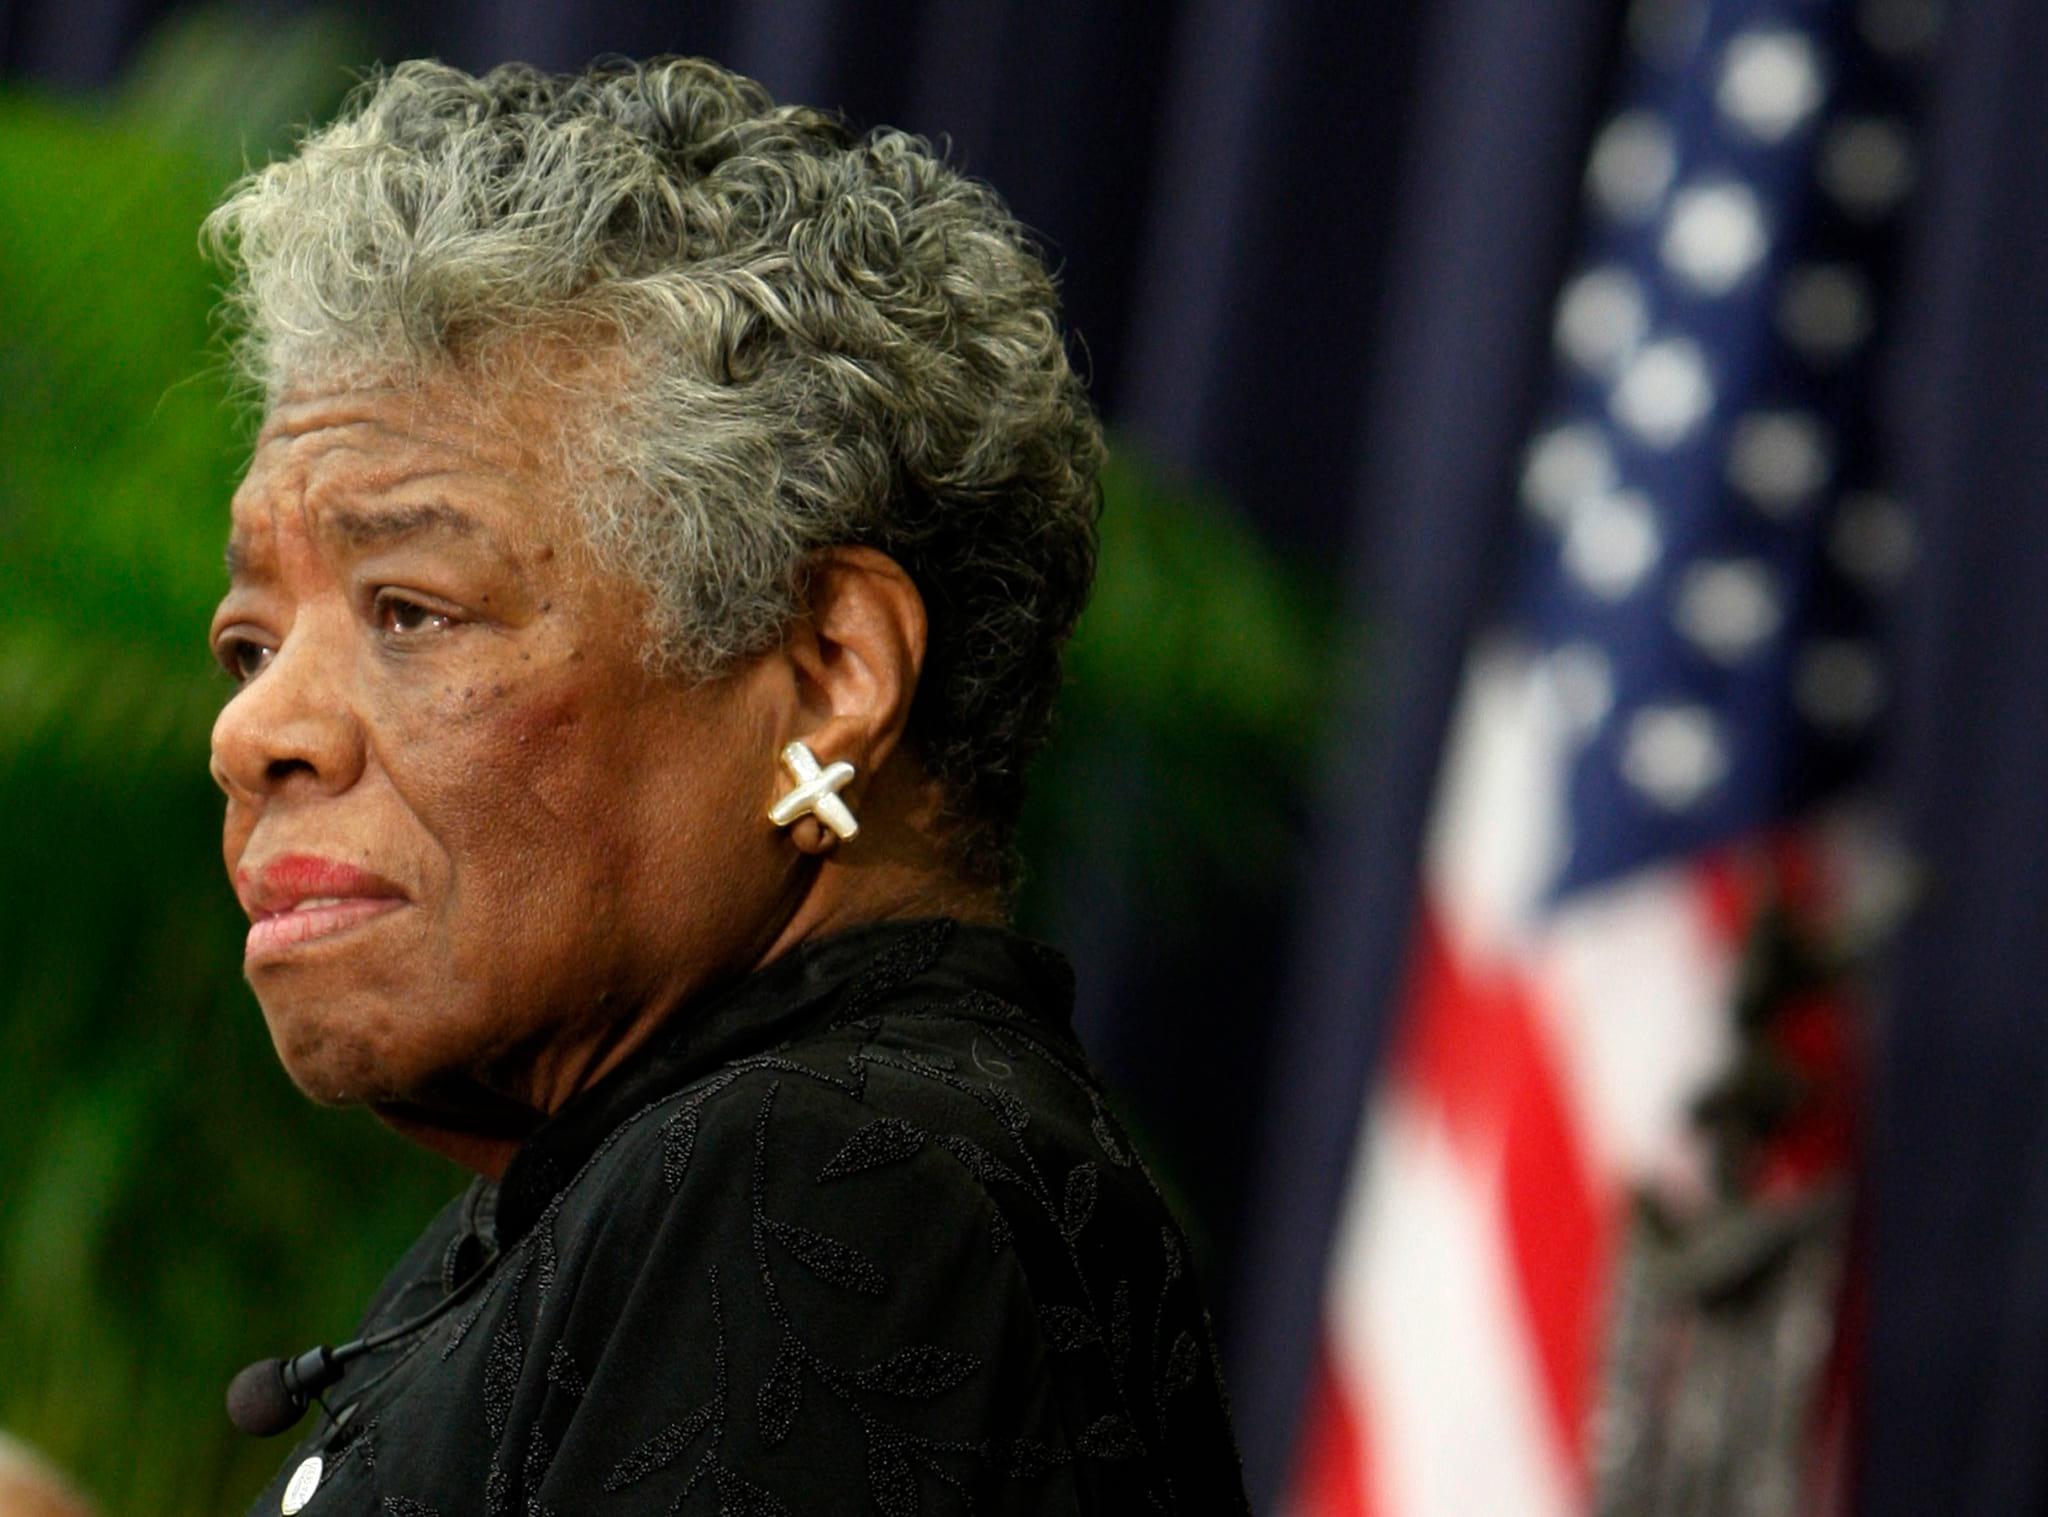 PÚBLICO - <i>Rentrée</i> ficção: 47 anos depois chega Maya Angelou